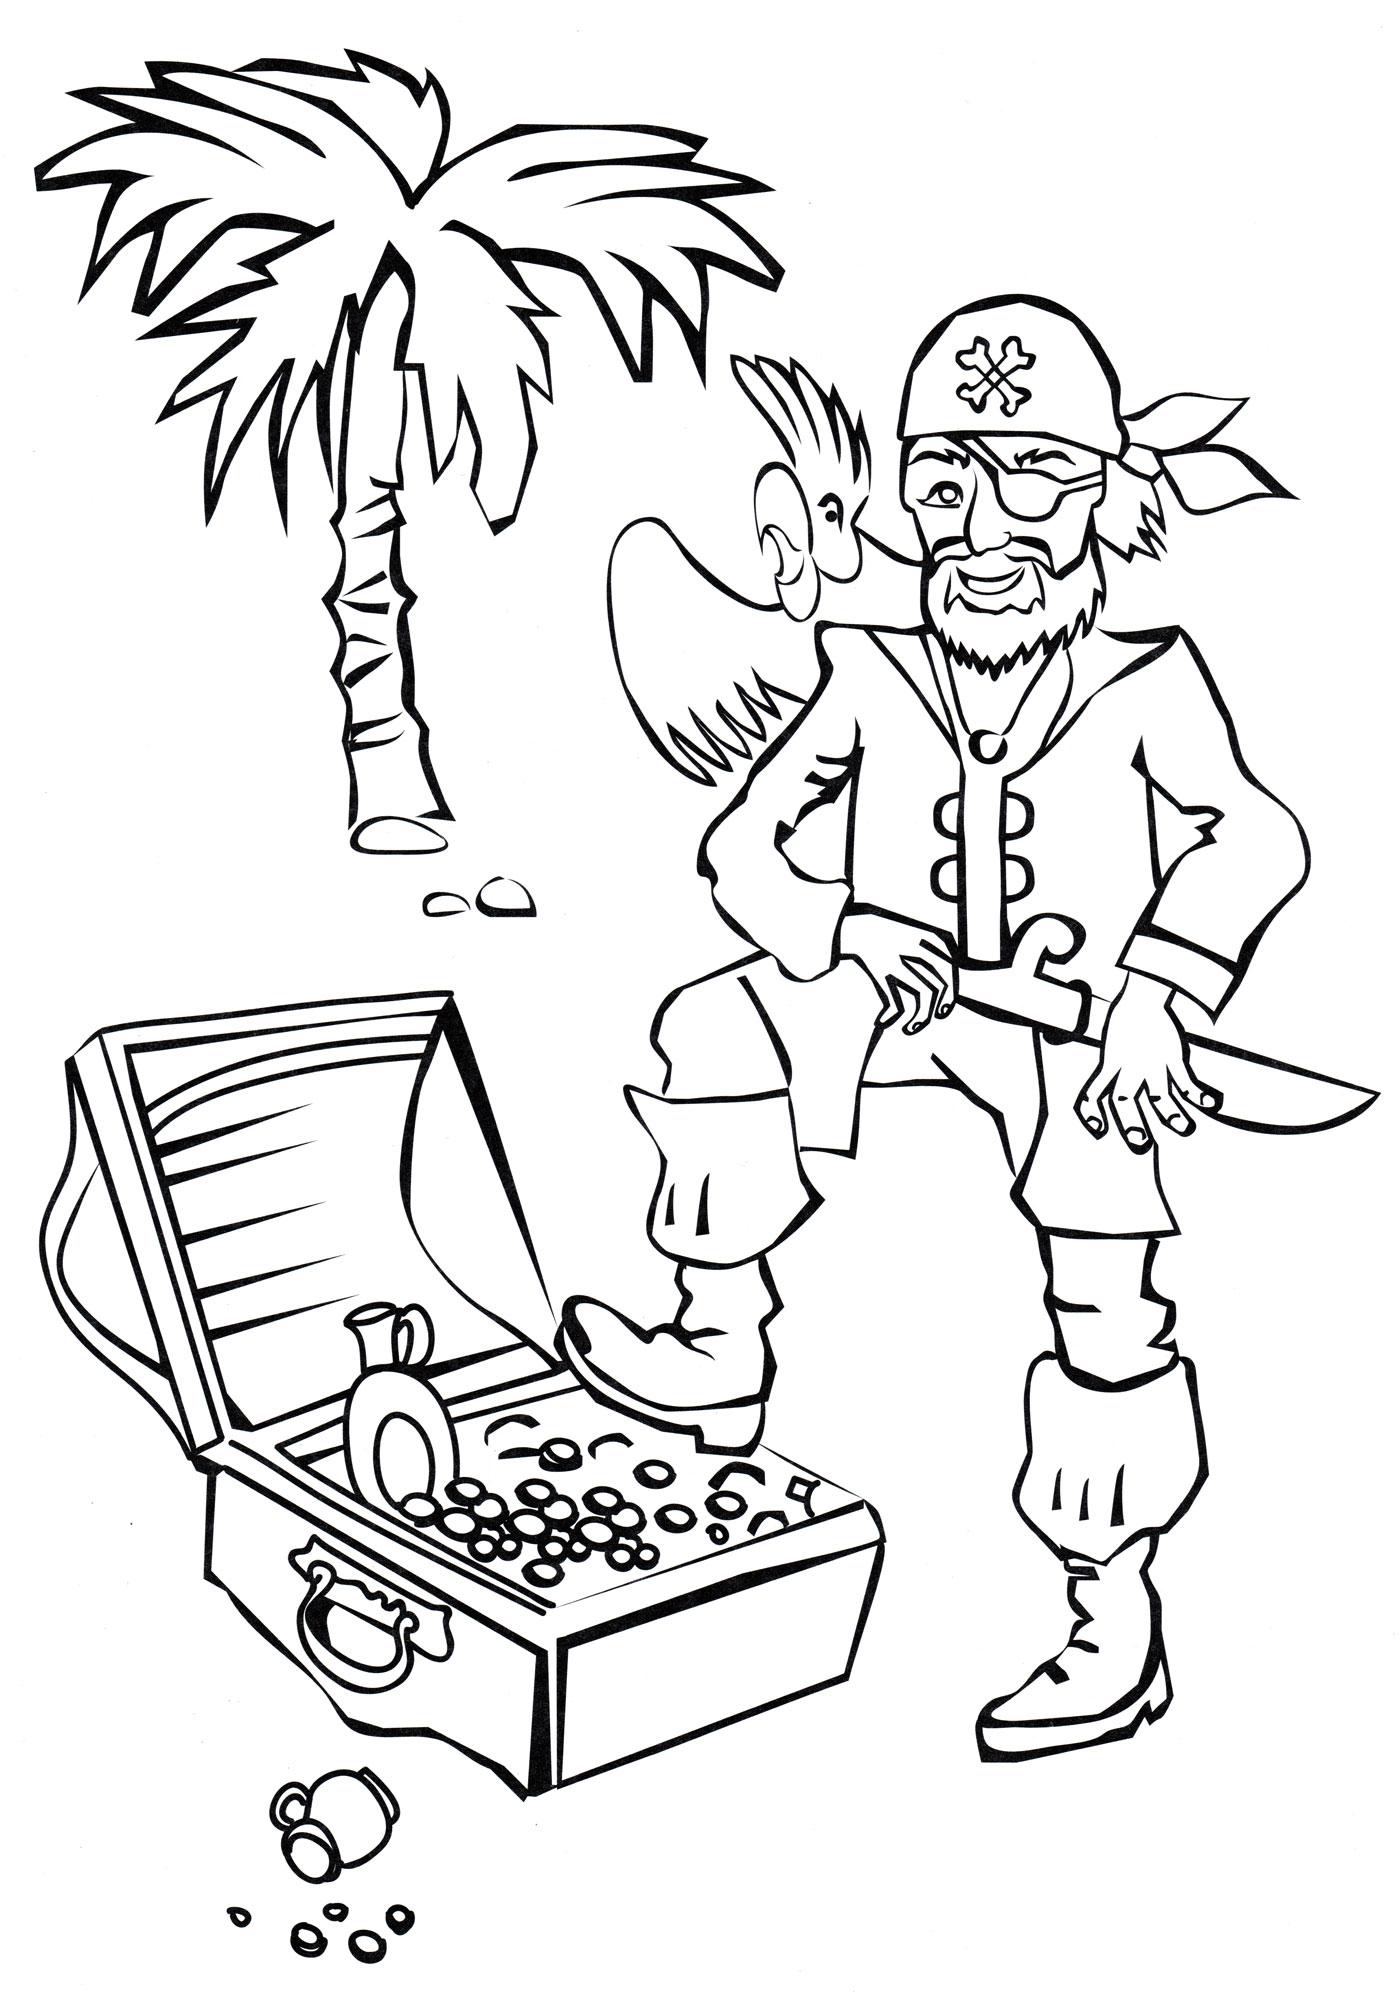 Раскраска Пират и сундук с сокровищами - распечатать бесплатно